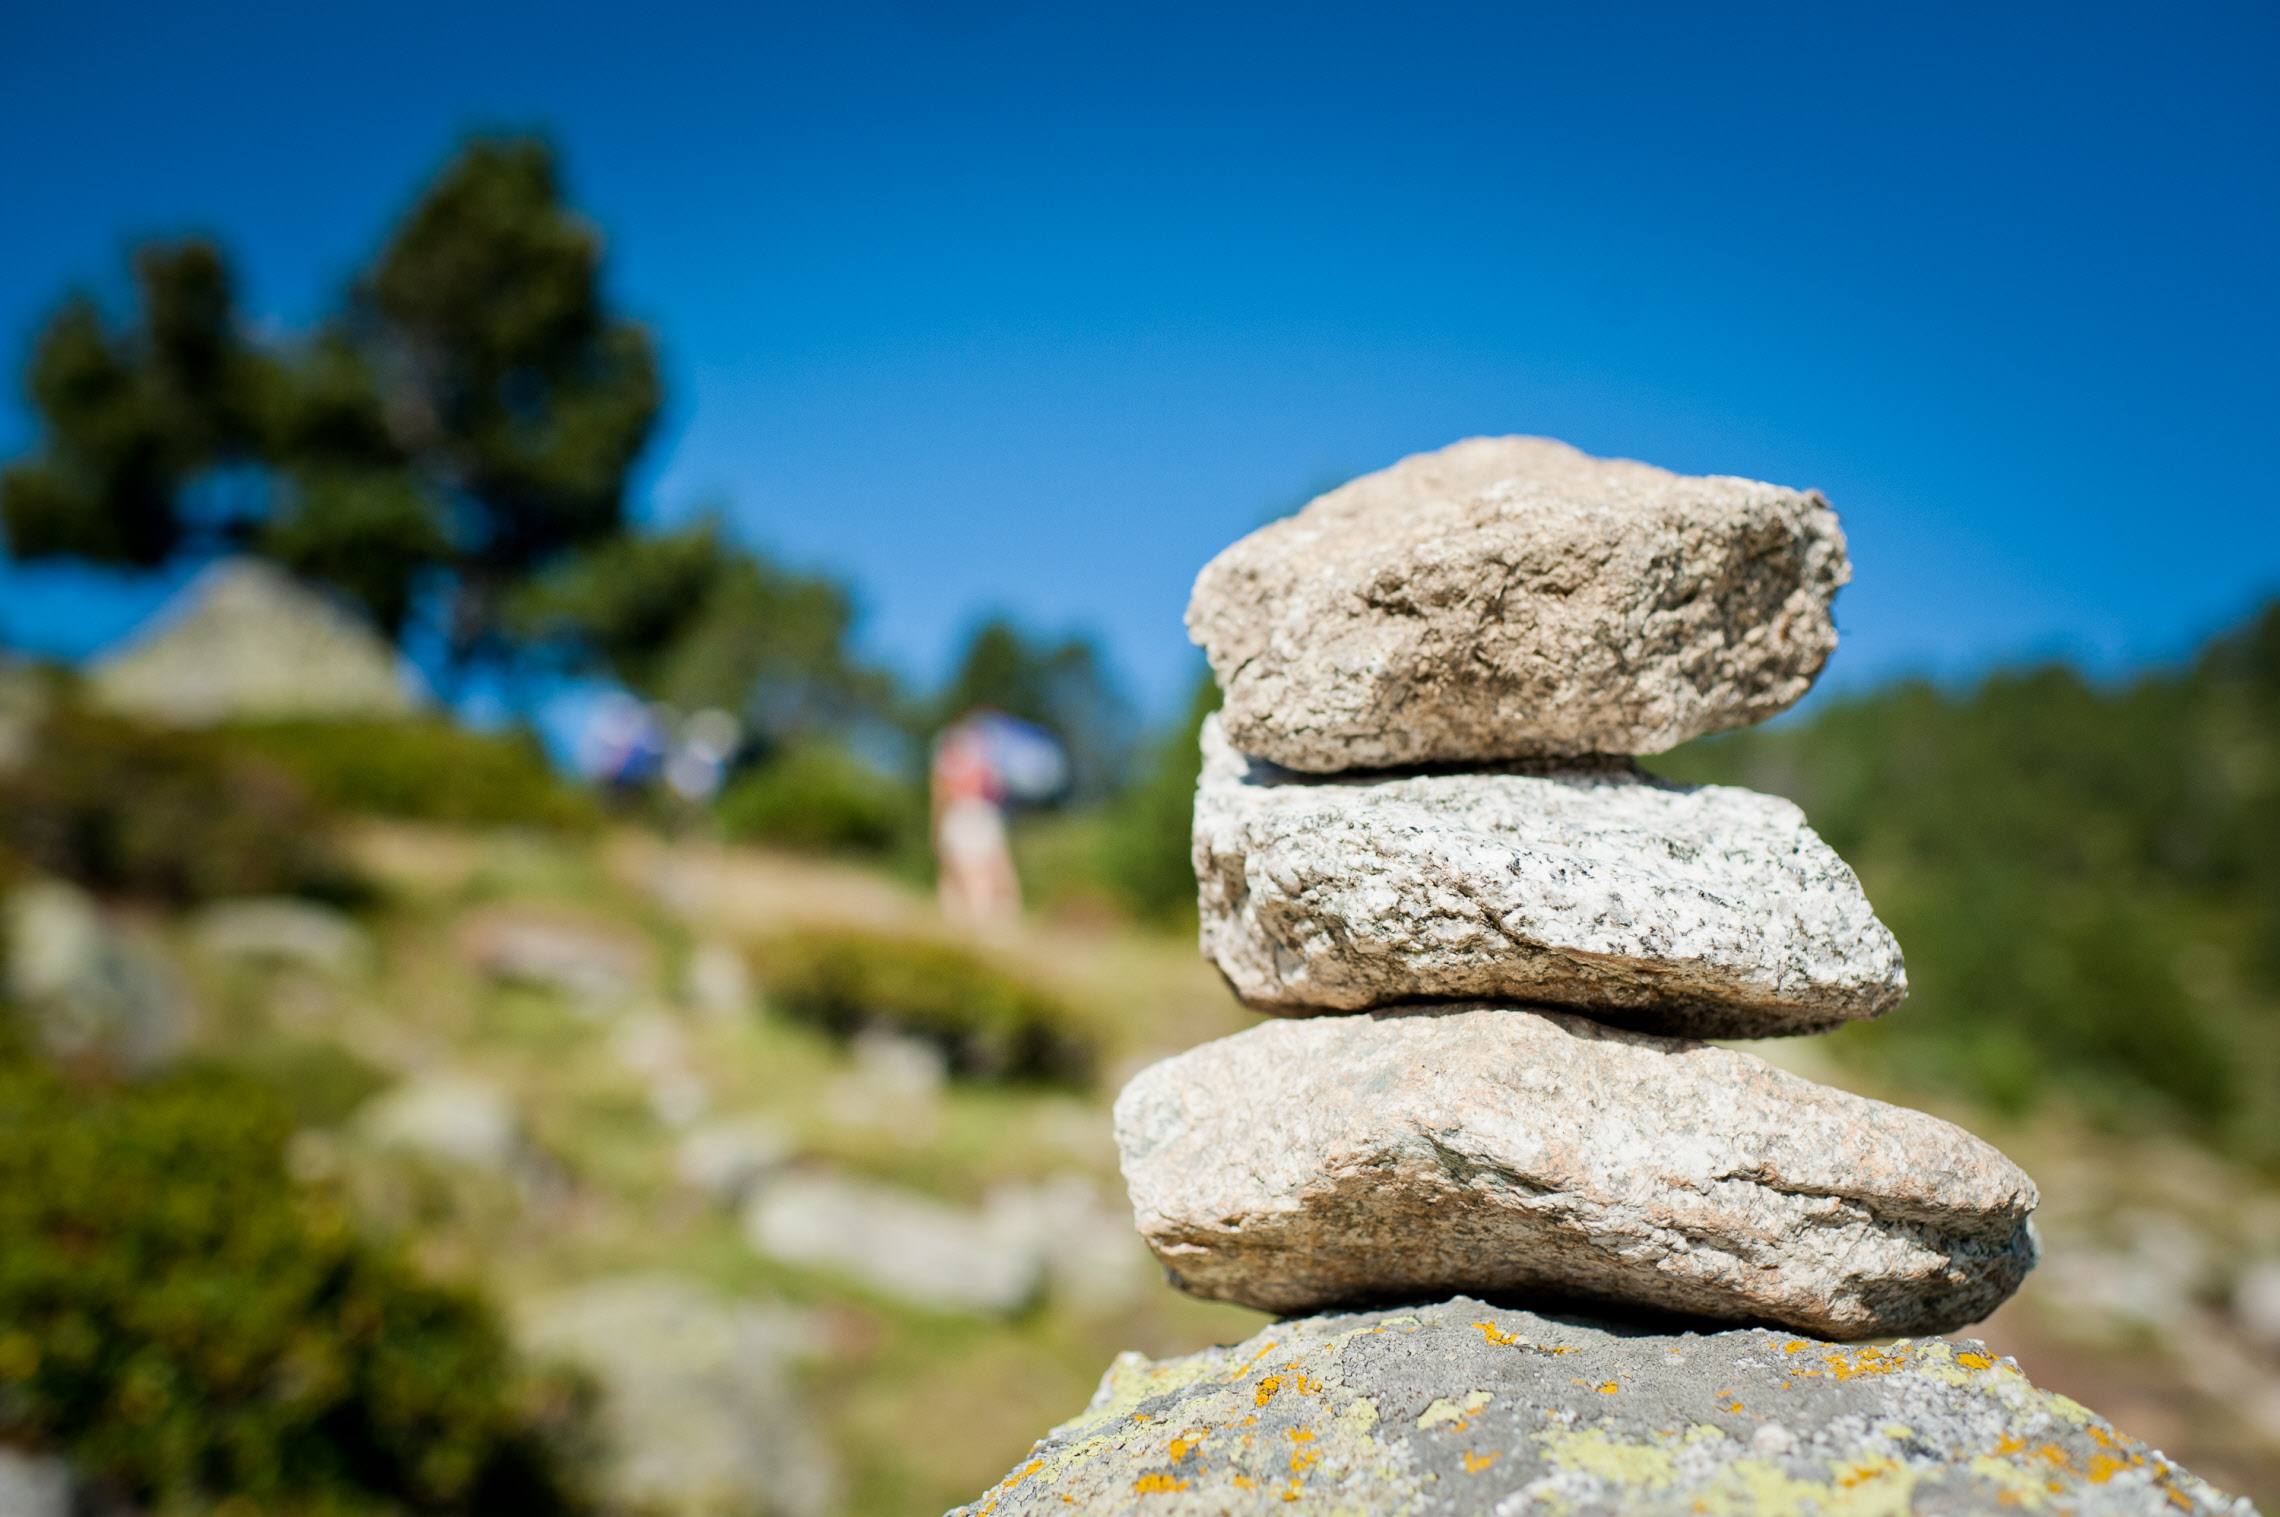 Tas de pierres, Massif du Canigou, France.